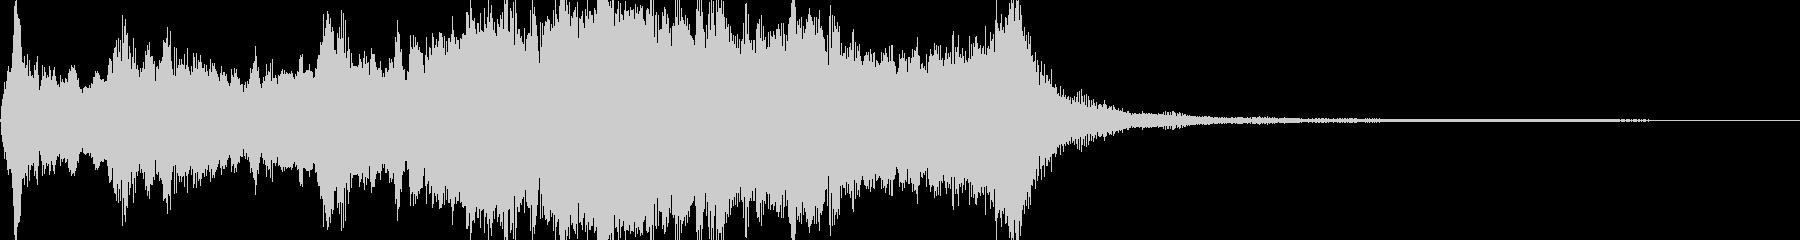 雄大で開放的なシンフォニックジングルの未再生の波形